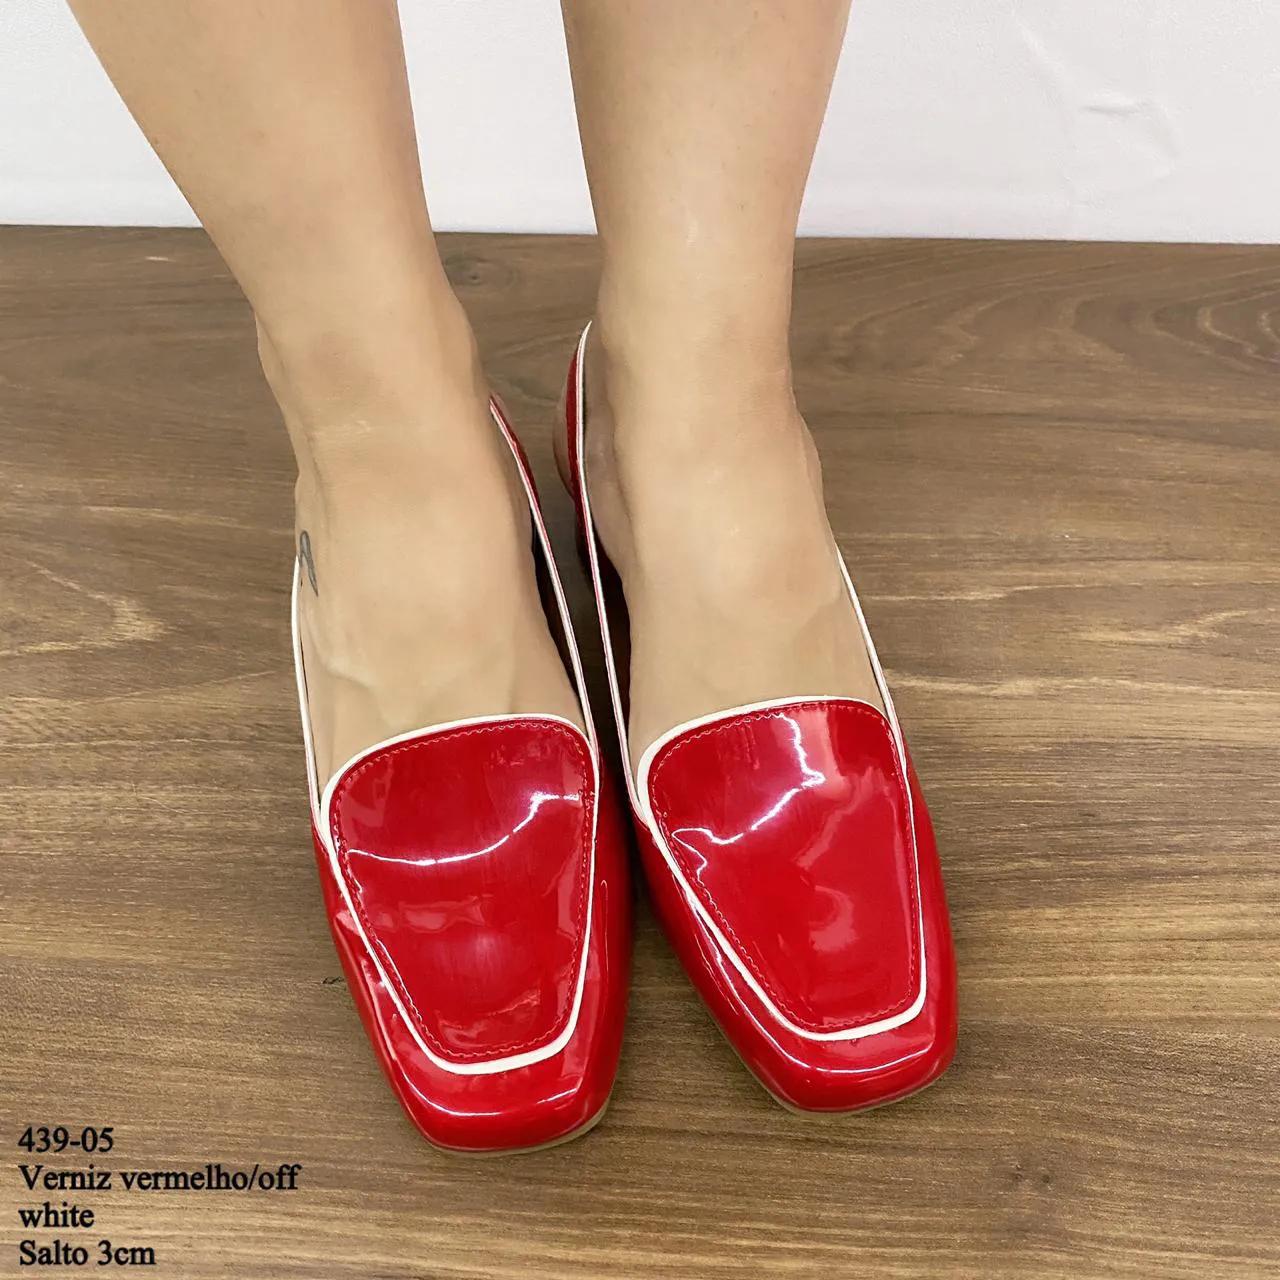 Chanel Bico Quadrado Verniz Vermelho Off White | D-439-05